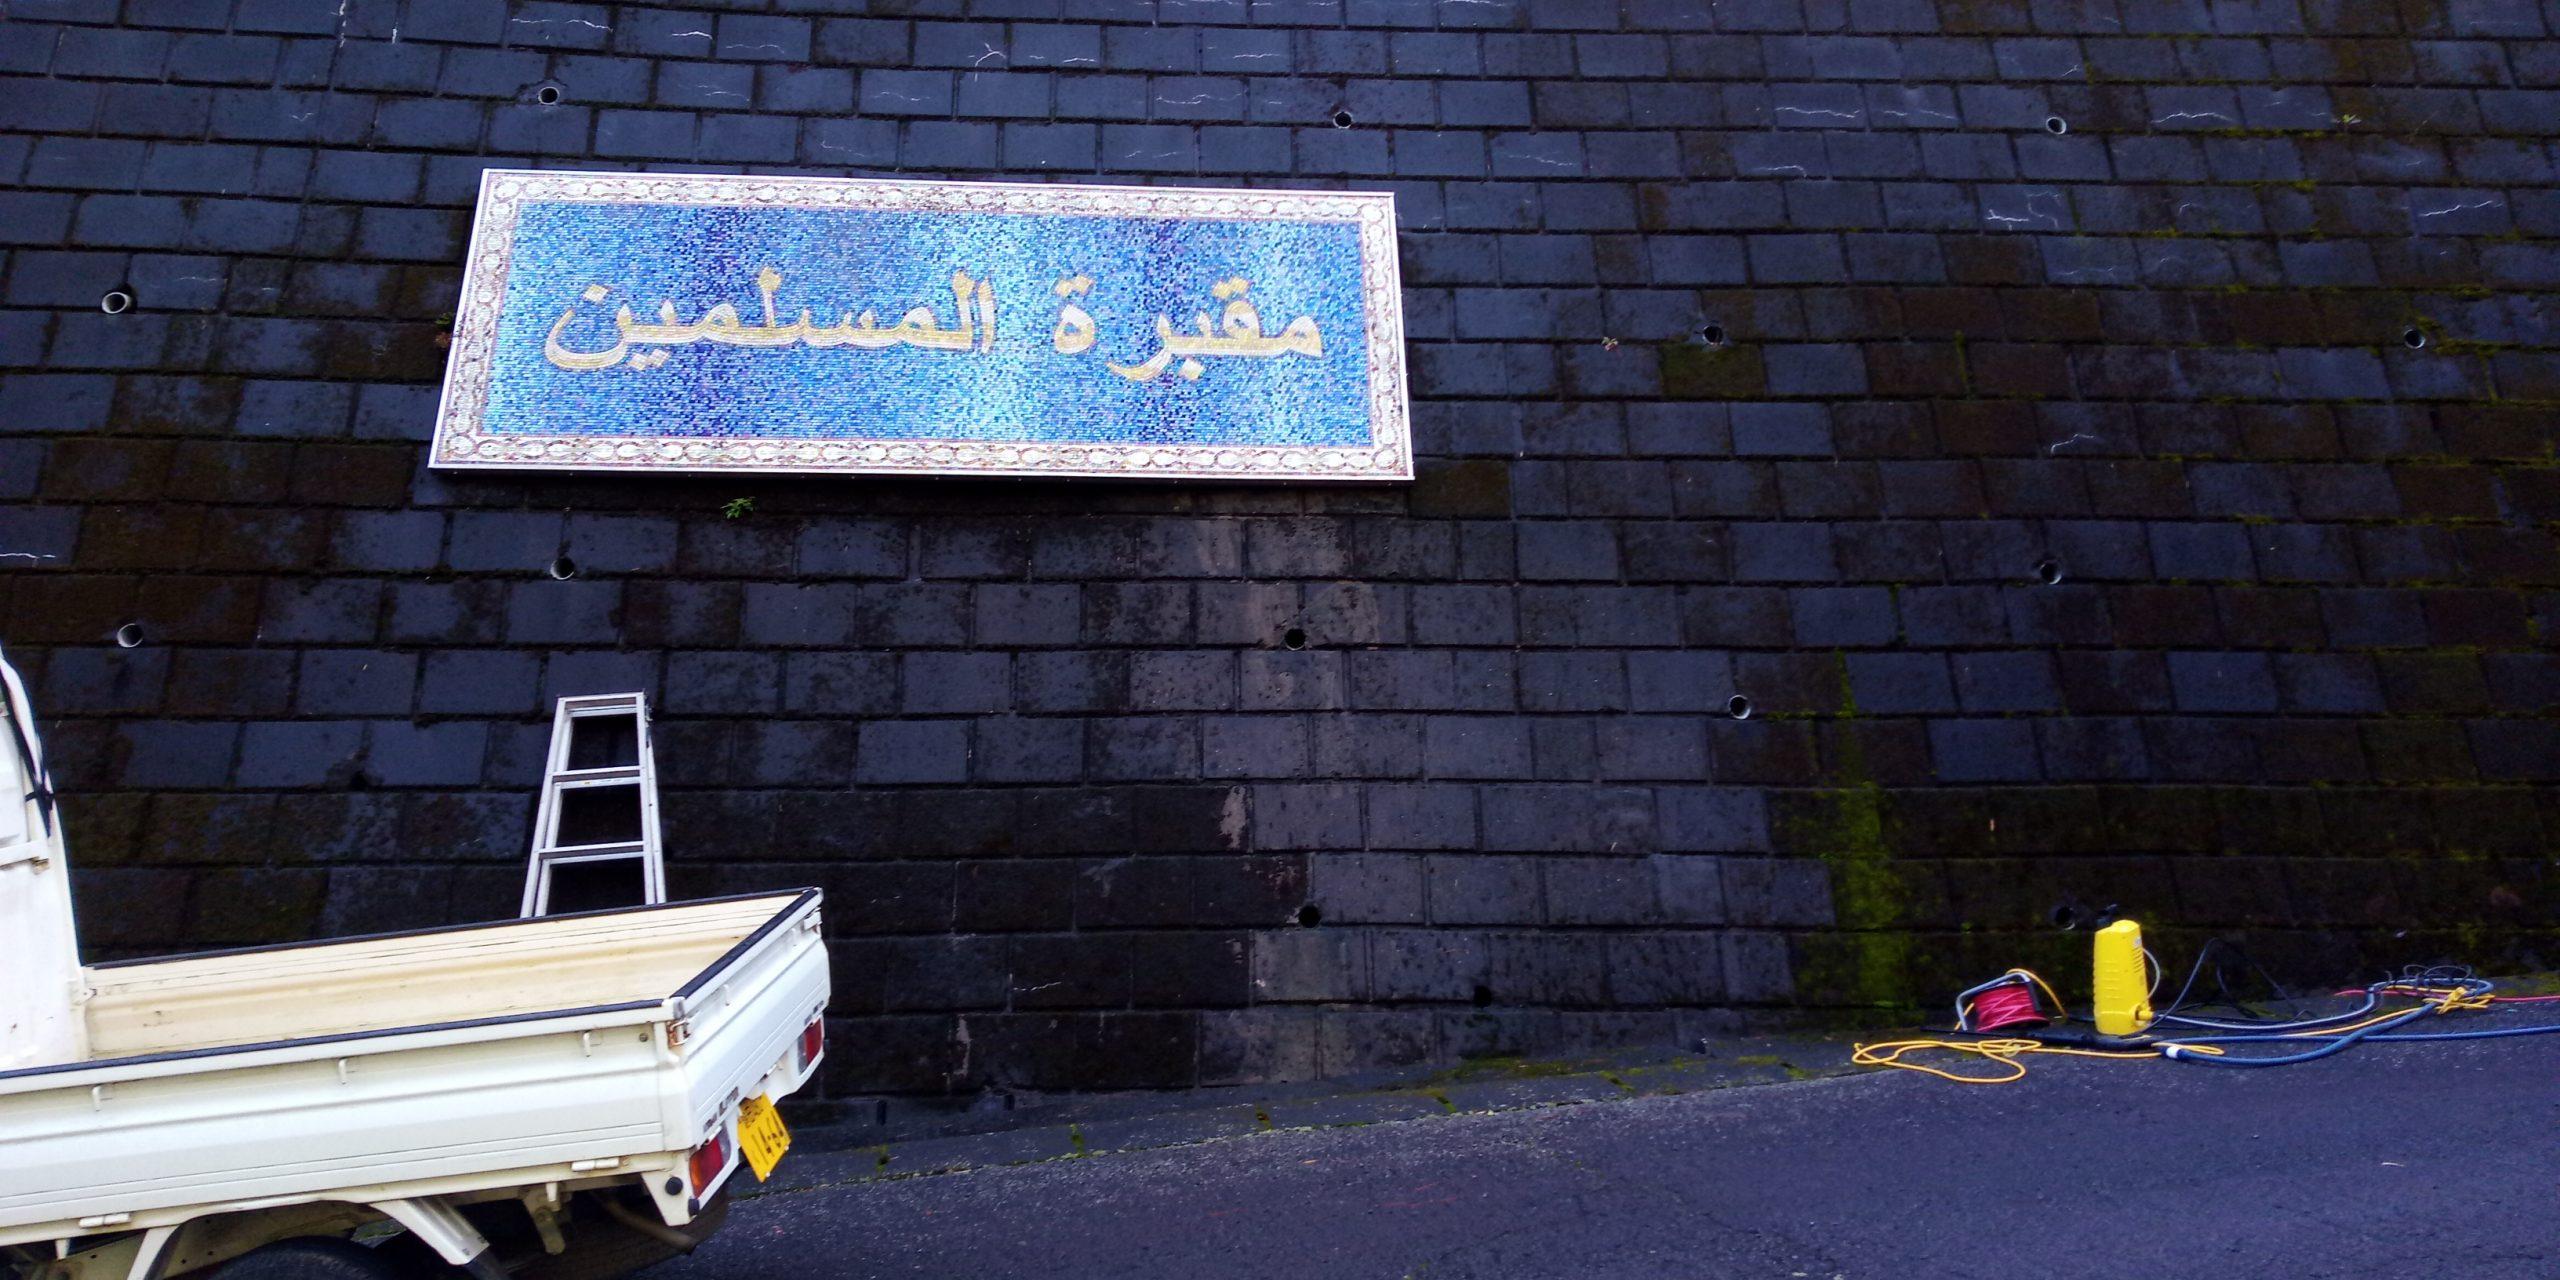 イスラム霊園 Islamic grave yard